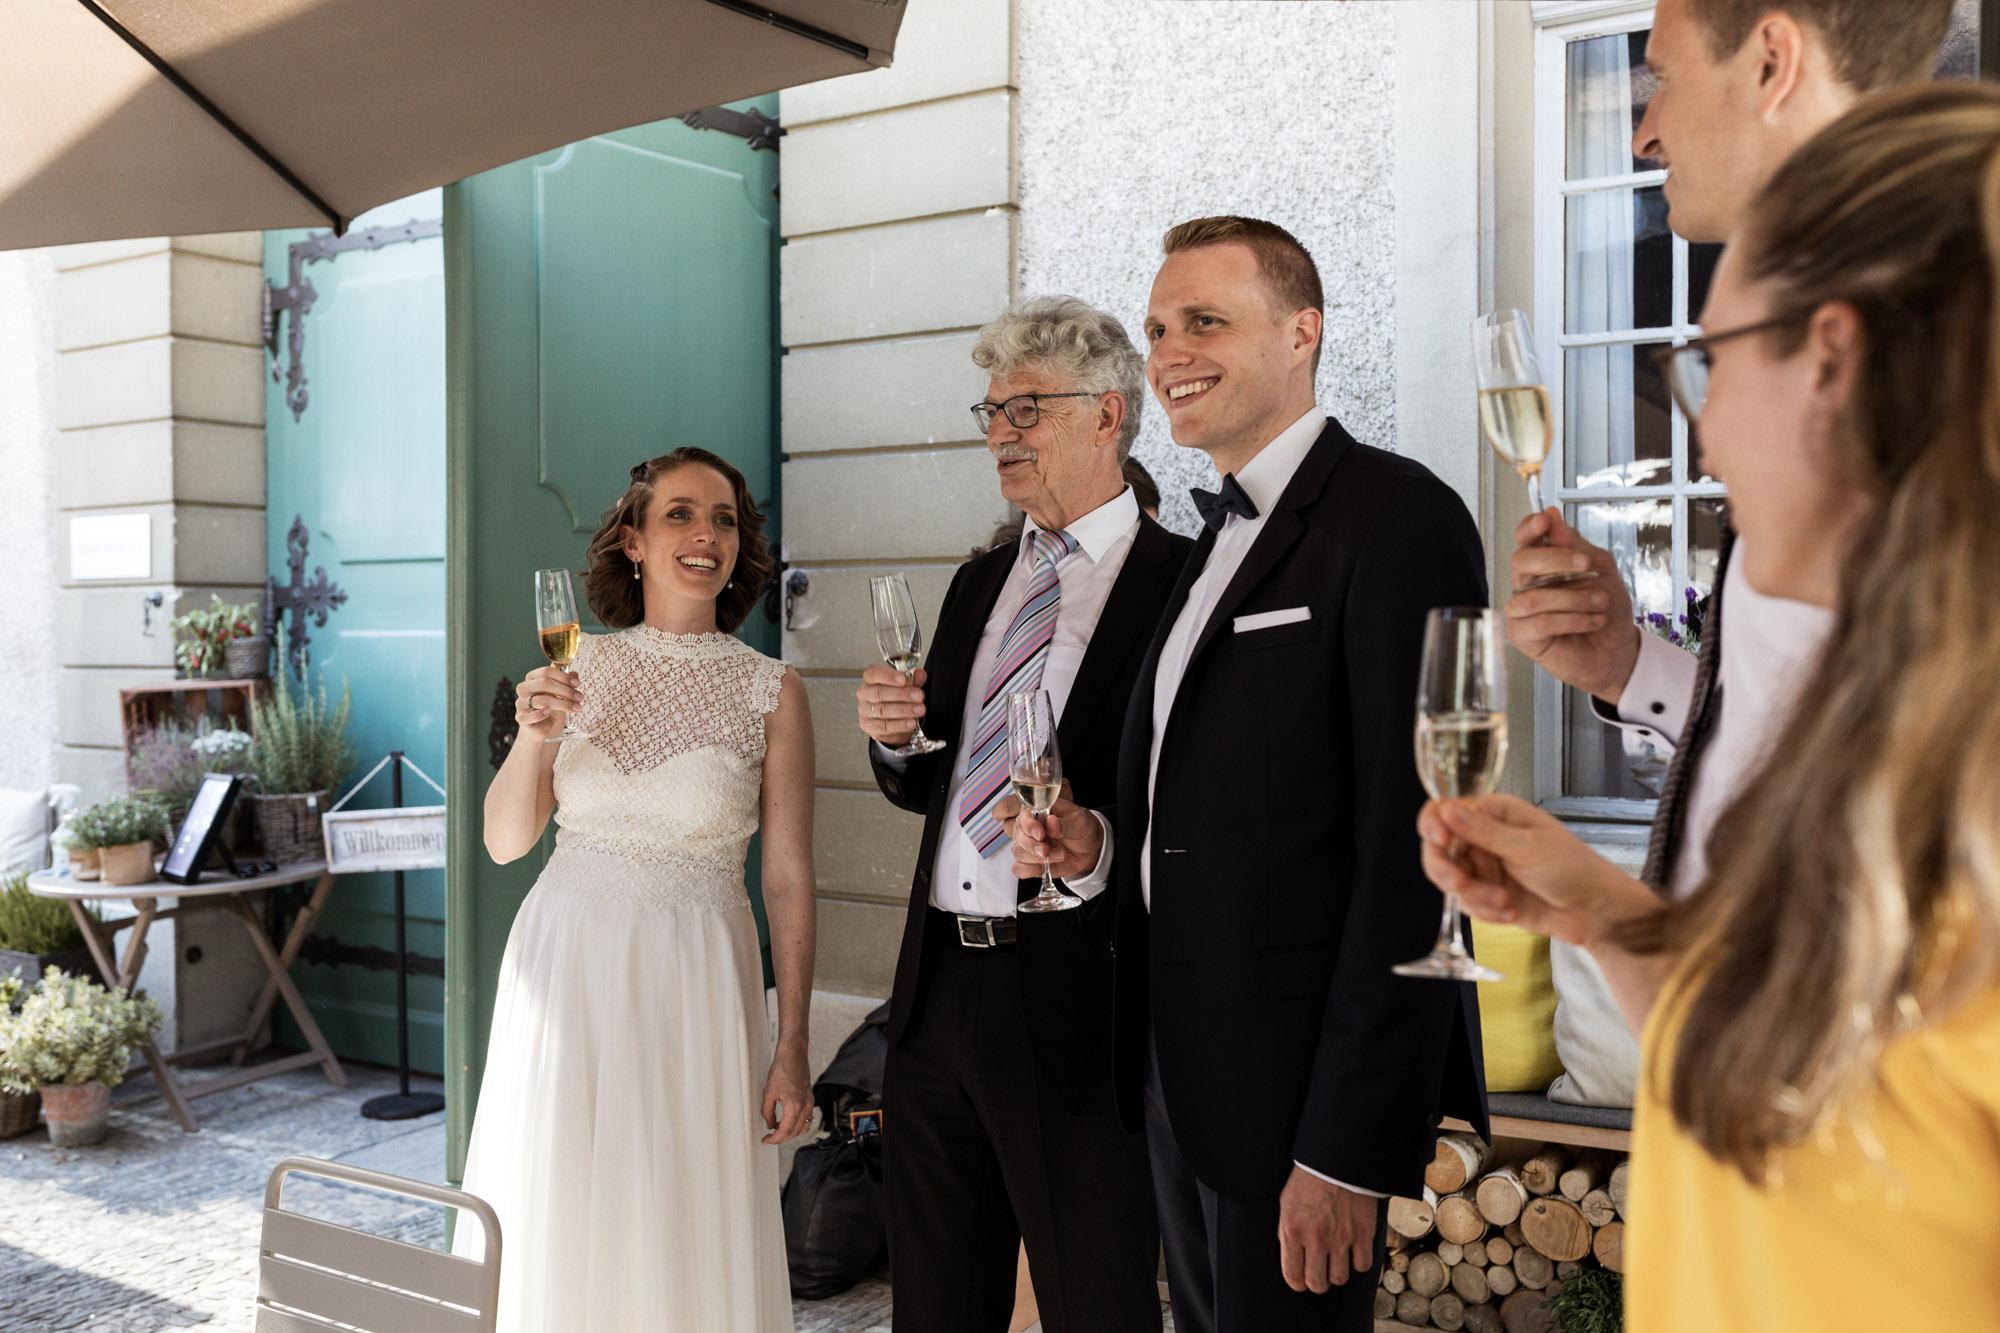 Hochzeitsapero - Wenkenpark Hochzeitslocation - Hochzeitsfotografen Basel